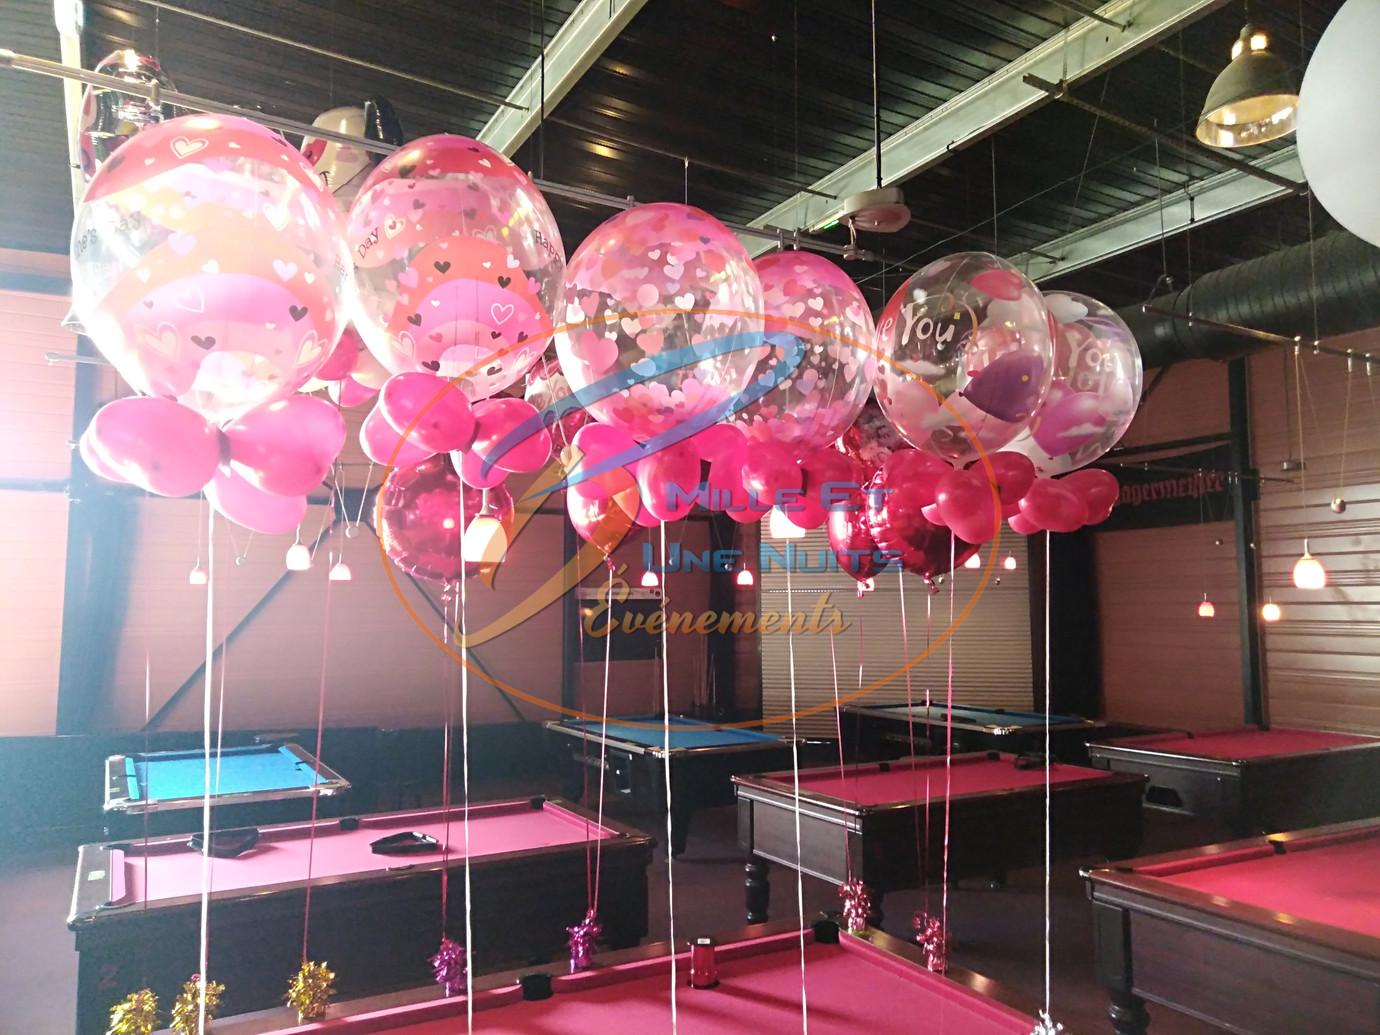 Décoration Ballon st Valentin: en Bretagne (ille et vilaine, Fougères, Rennes, Vitré), Normandie, Pays de la loire